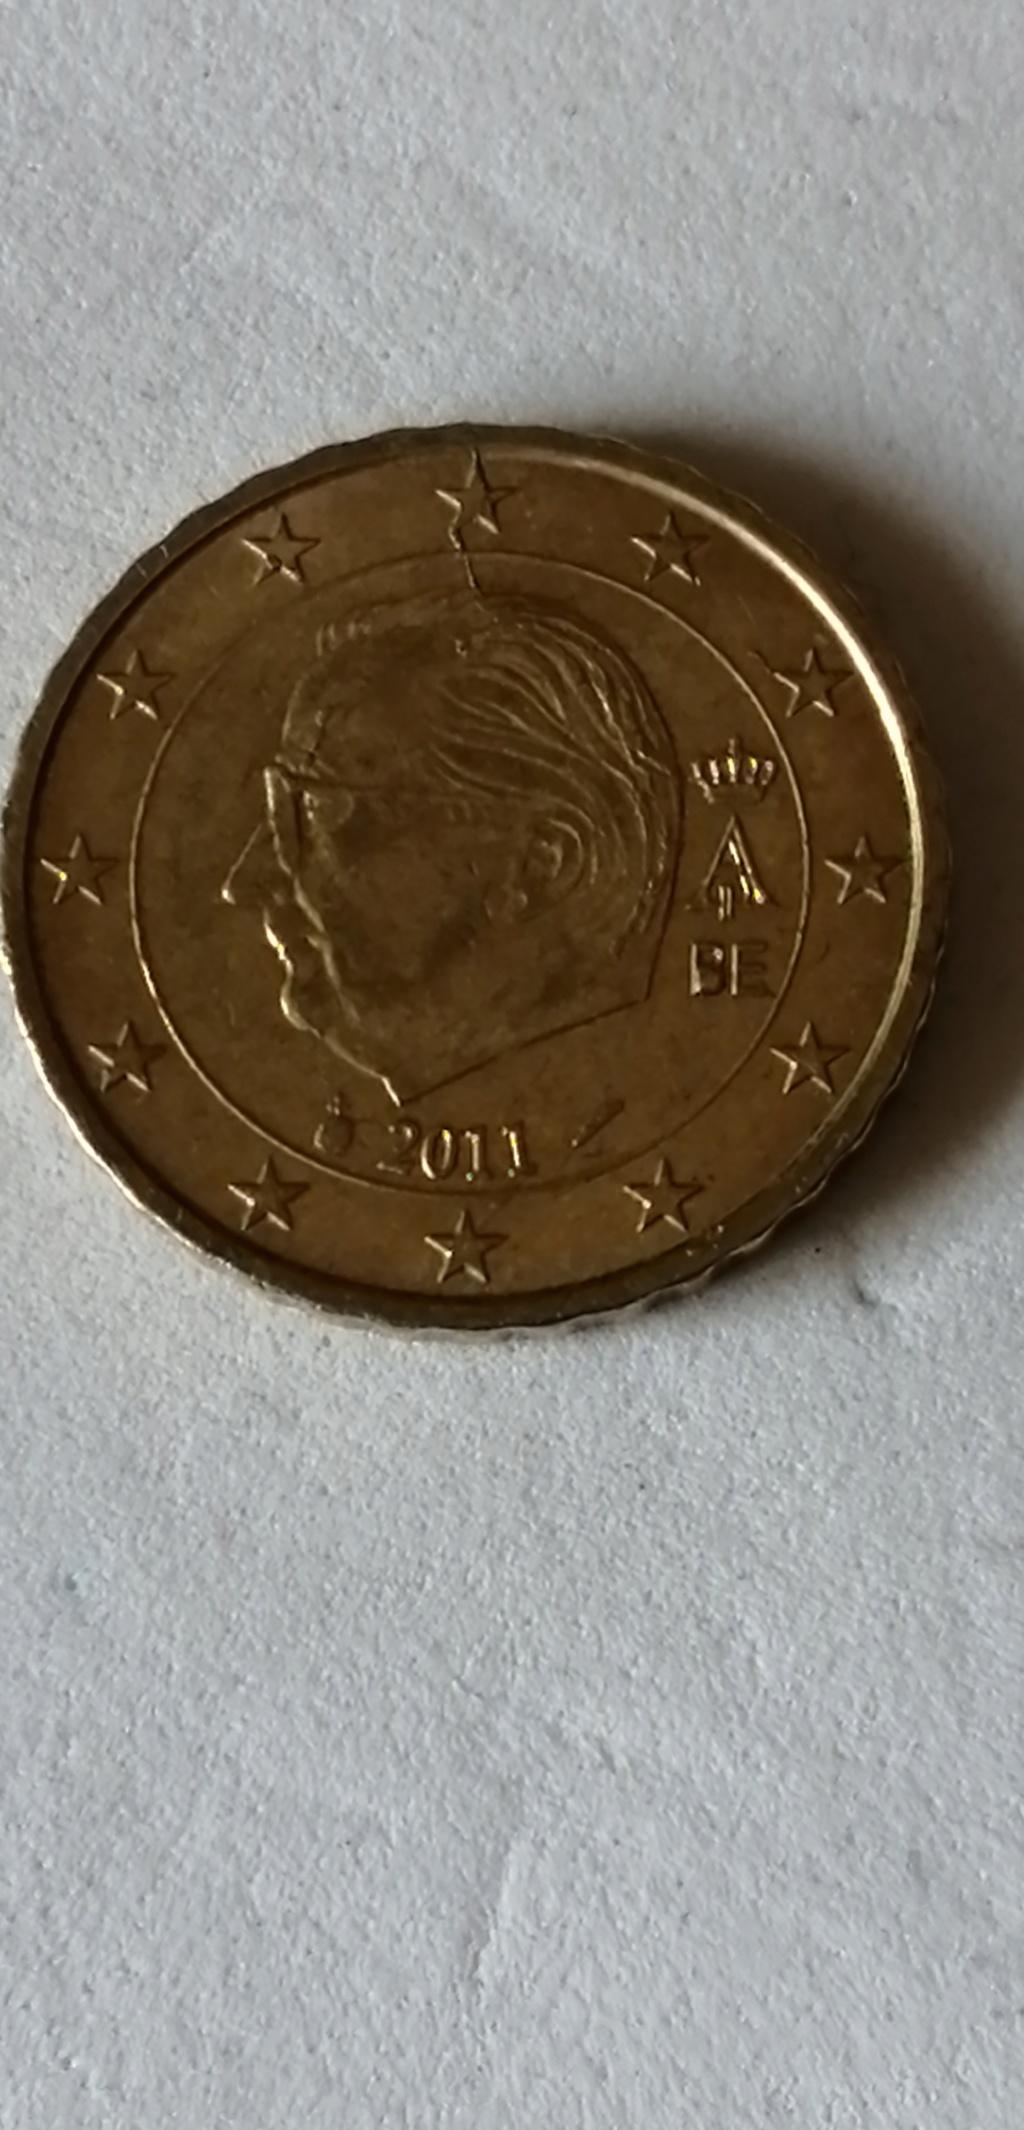 Rotura de cuño, exceso de metal 10 cts Bélgica 2011 Belgic11